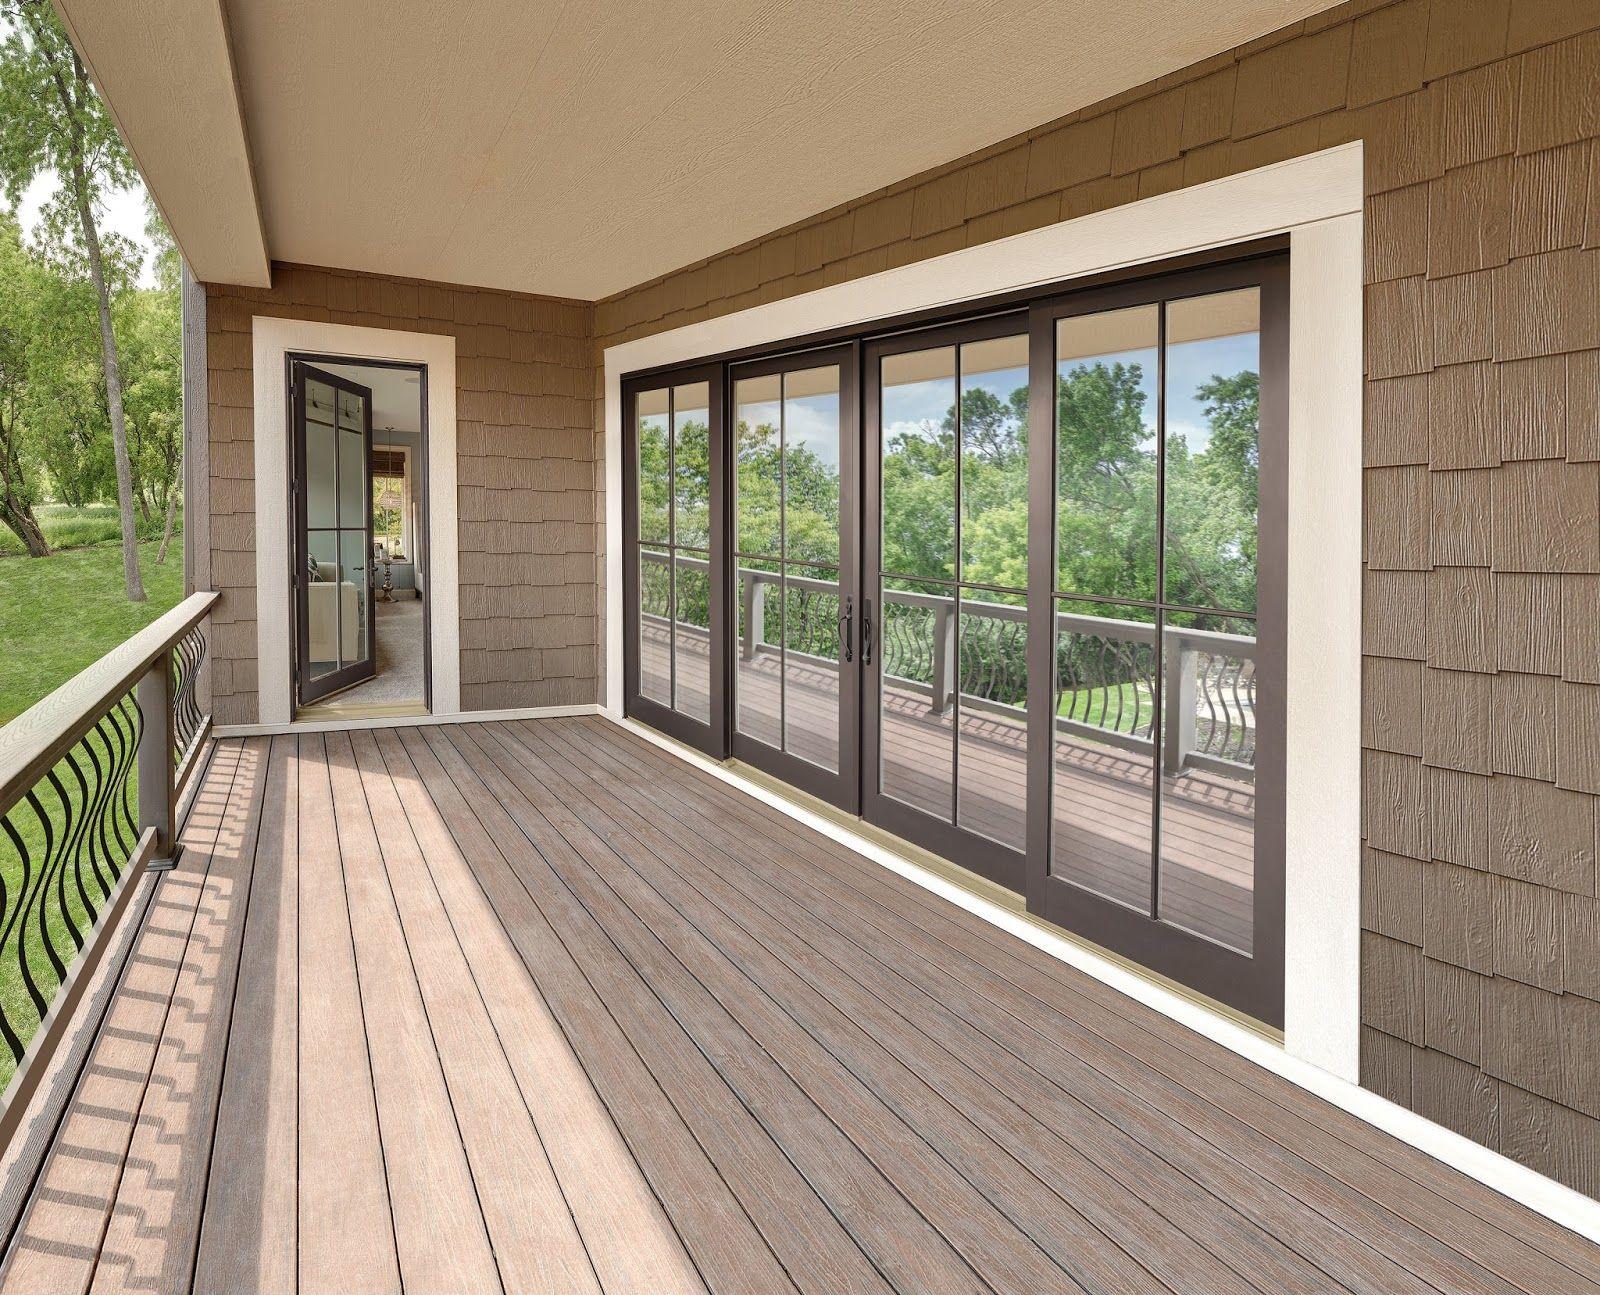 4 Panel Sliding Glass Door Different Types Of Sliding Doors